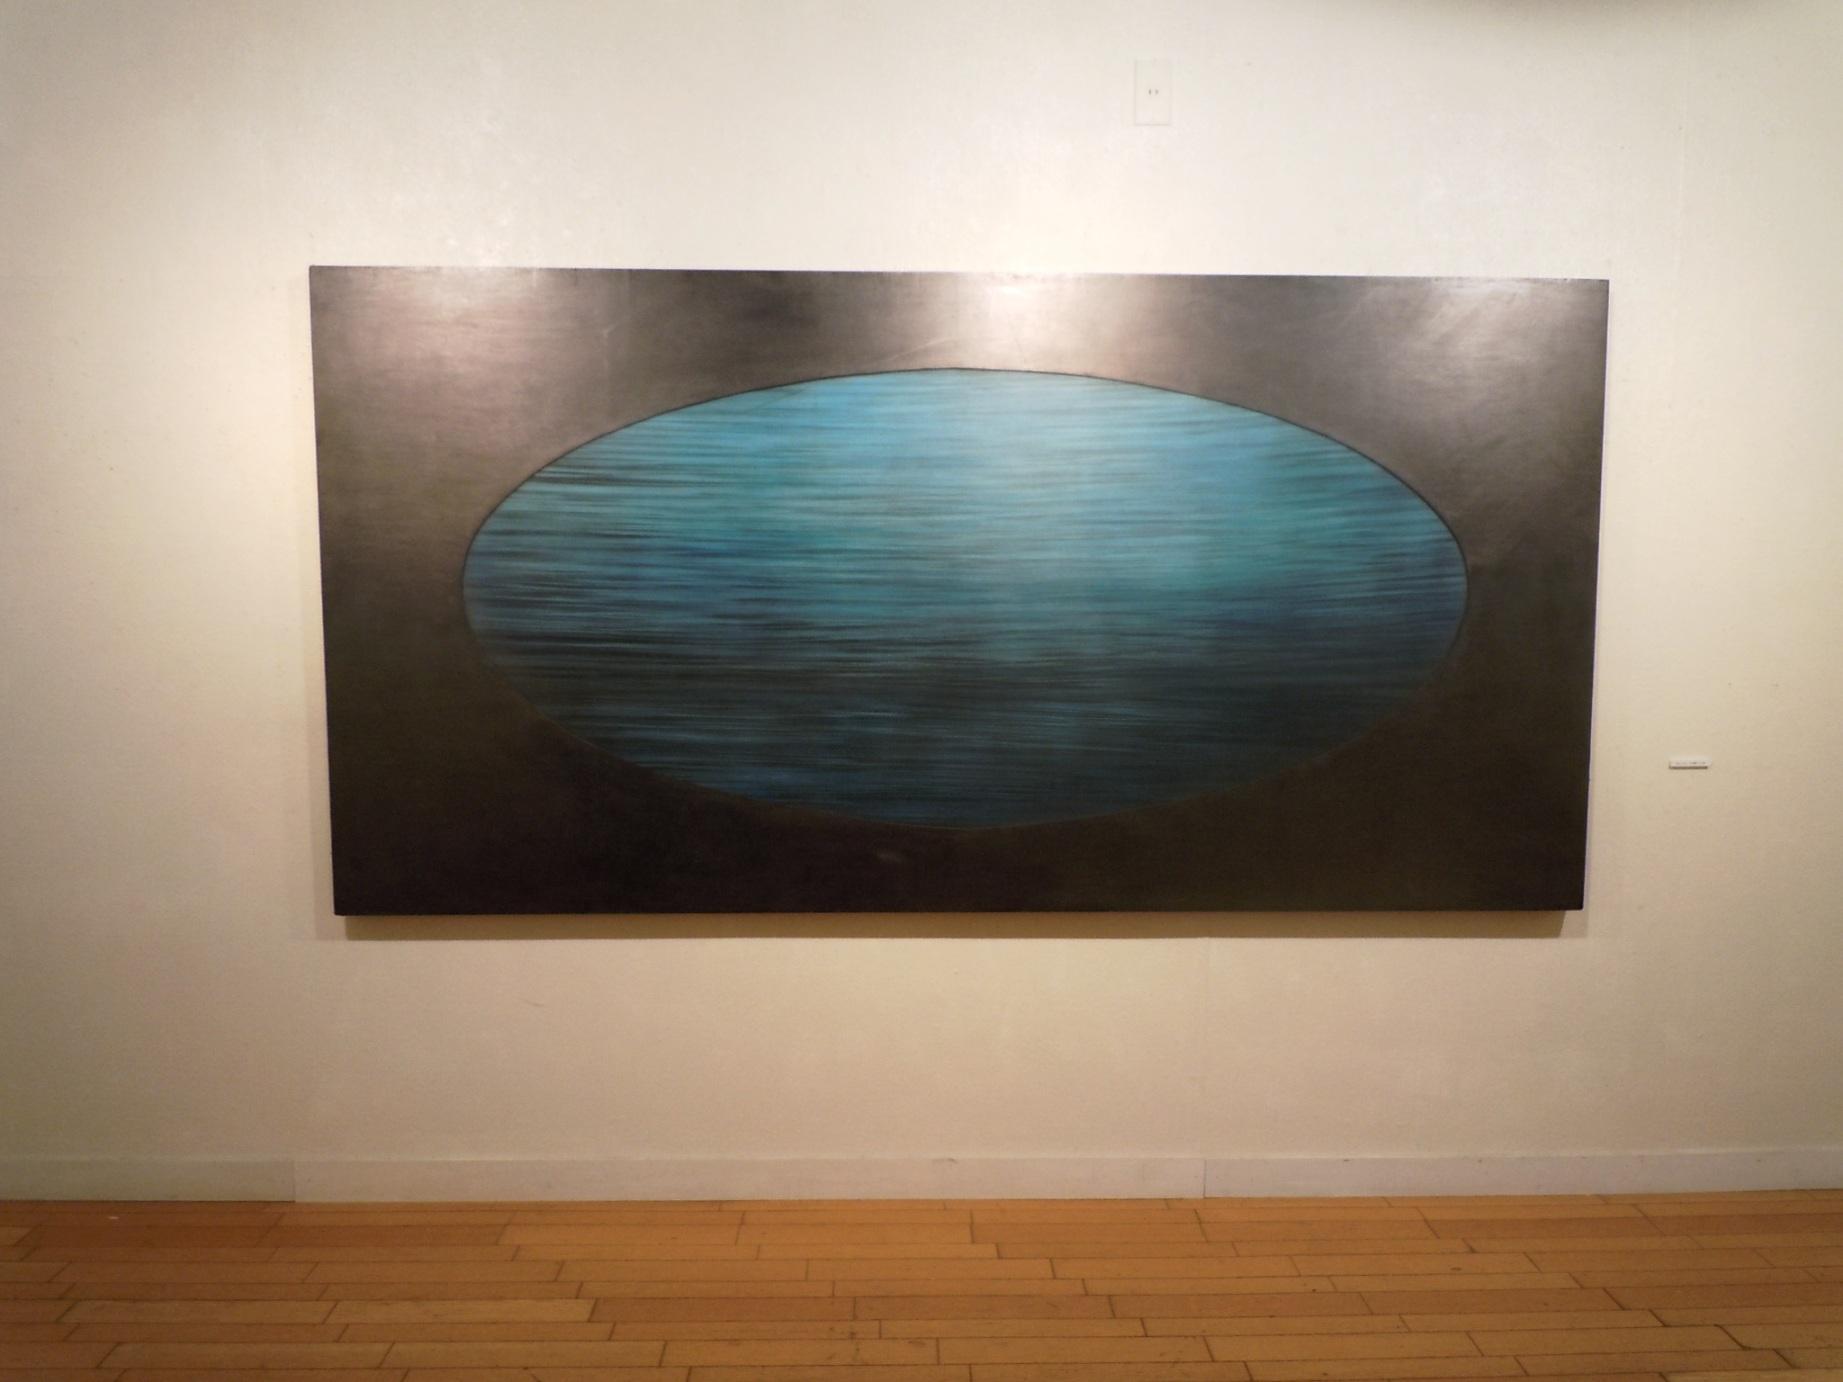 1603) 「林教司・個展 『Water Seed (水の種子) 2011』」 たぴお 10月31日(月)~11月5日(土)  _f0126829_20491310.jpg